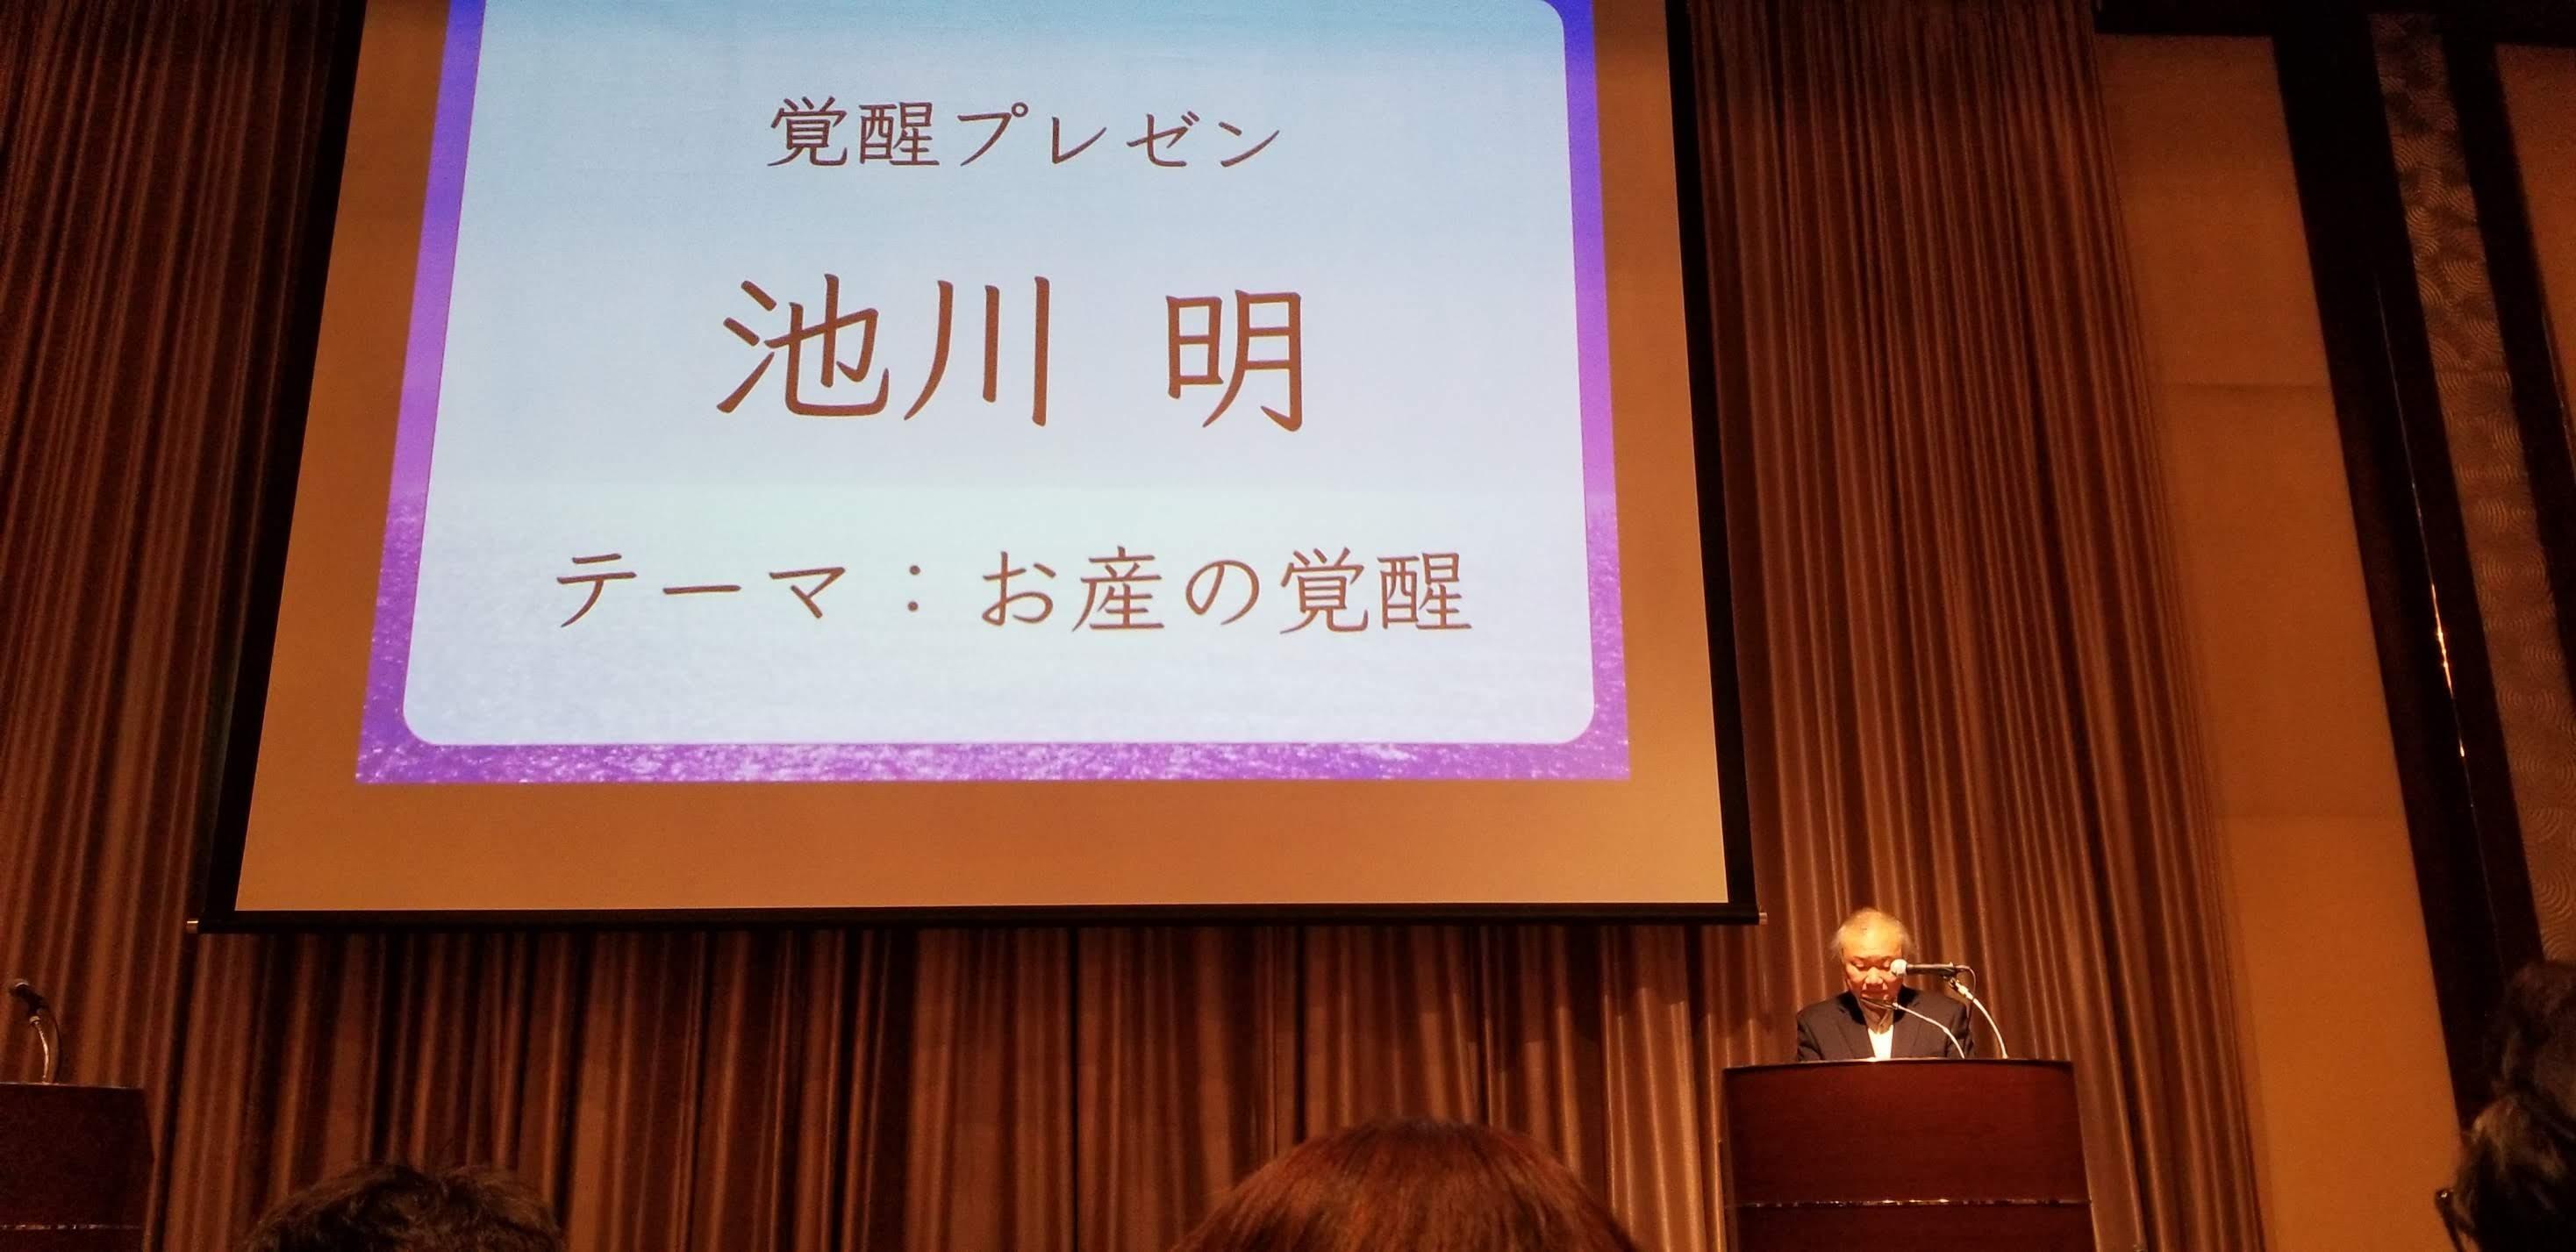 d57cabad2409cf5c809fd6cf585c6f10 1 - 思風会全国大会in広島